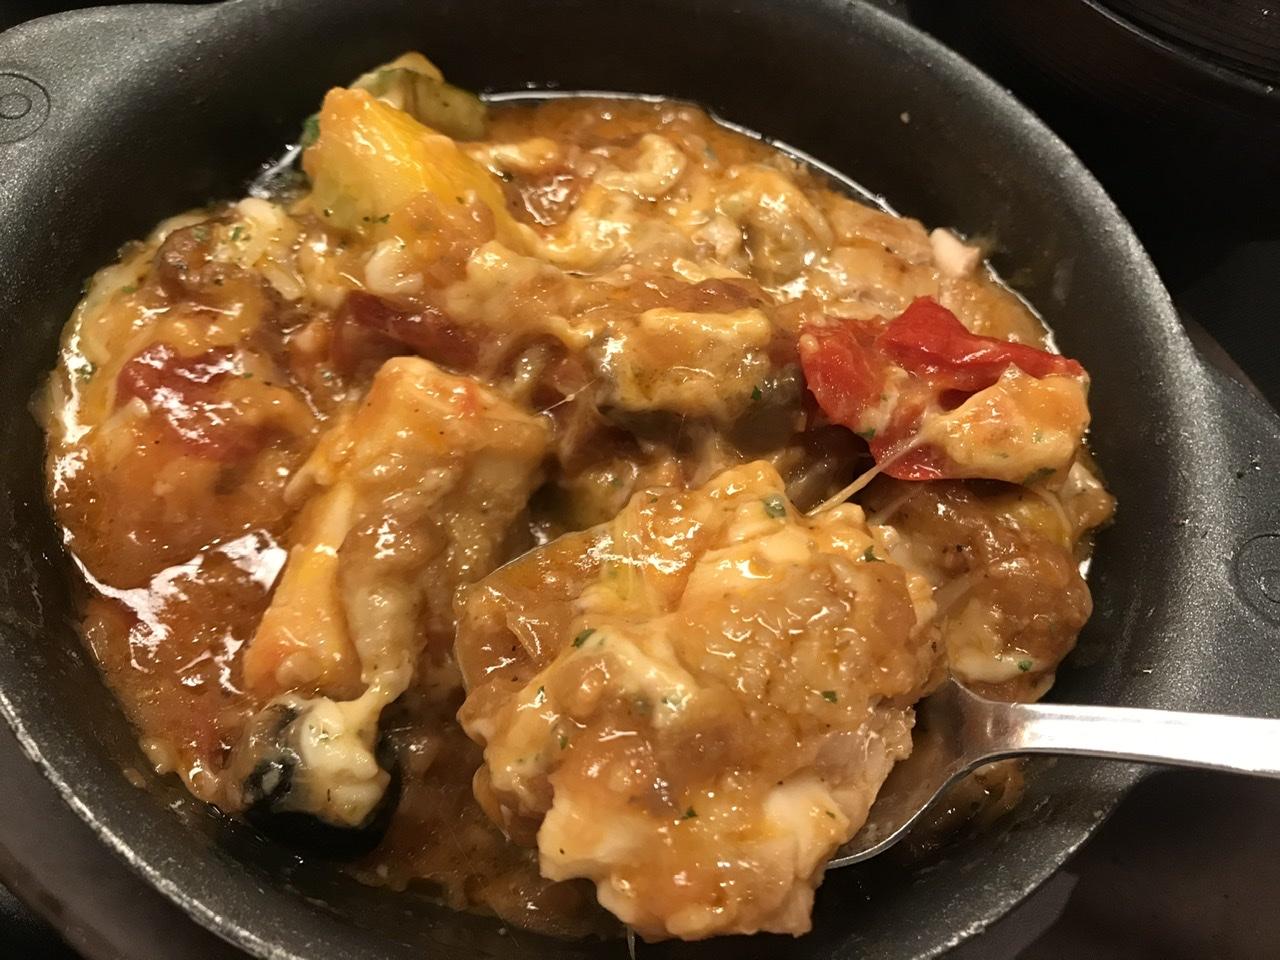 『松屋』の「カチャトーラ定食」が食べごたえ満点でおいしい! たっぷり野菜で女子にもおすすめ!!_5